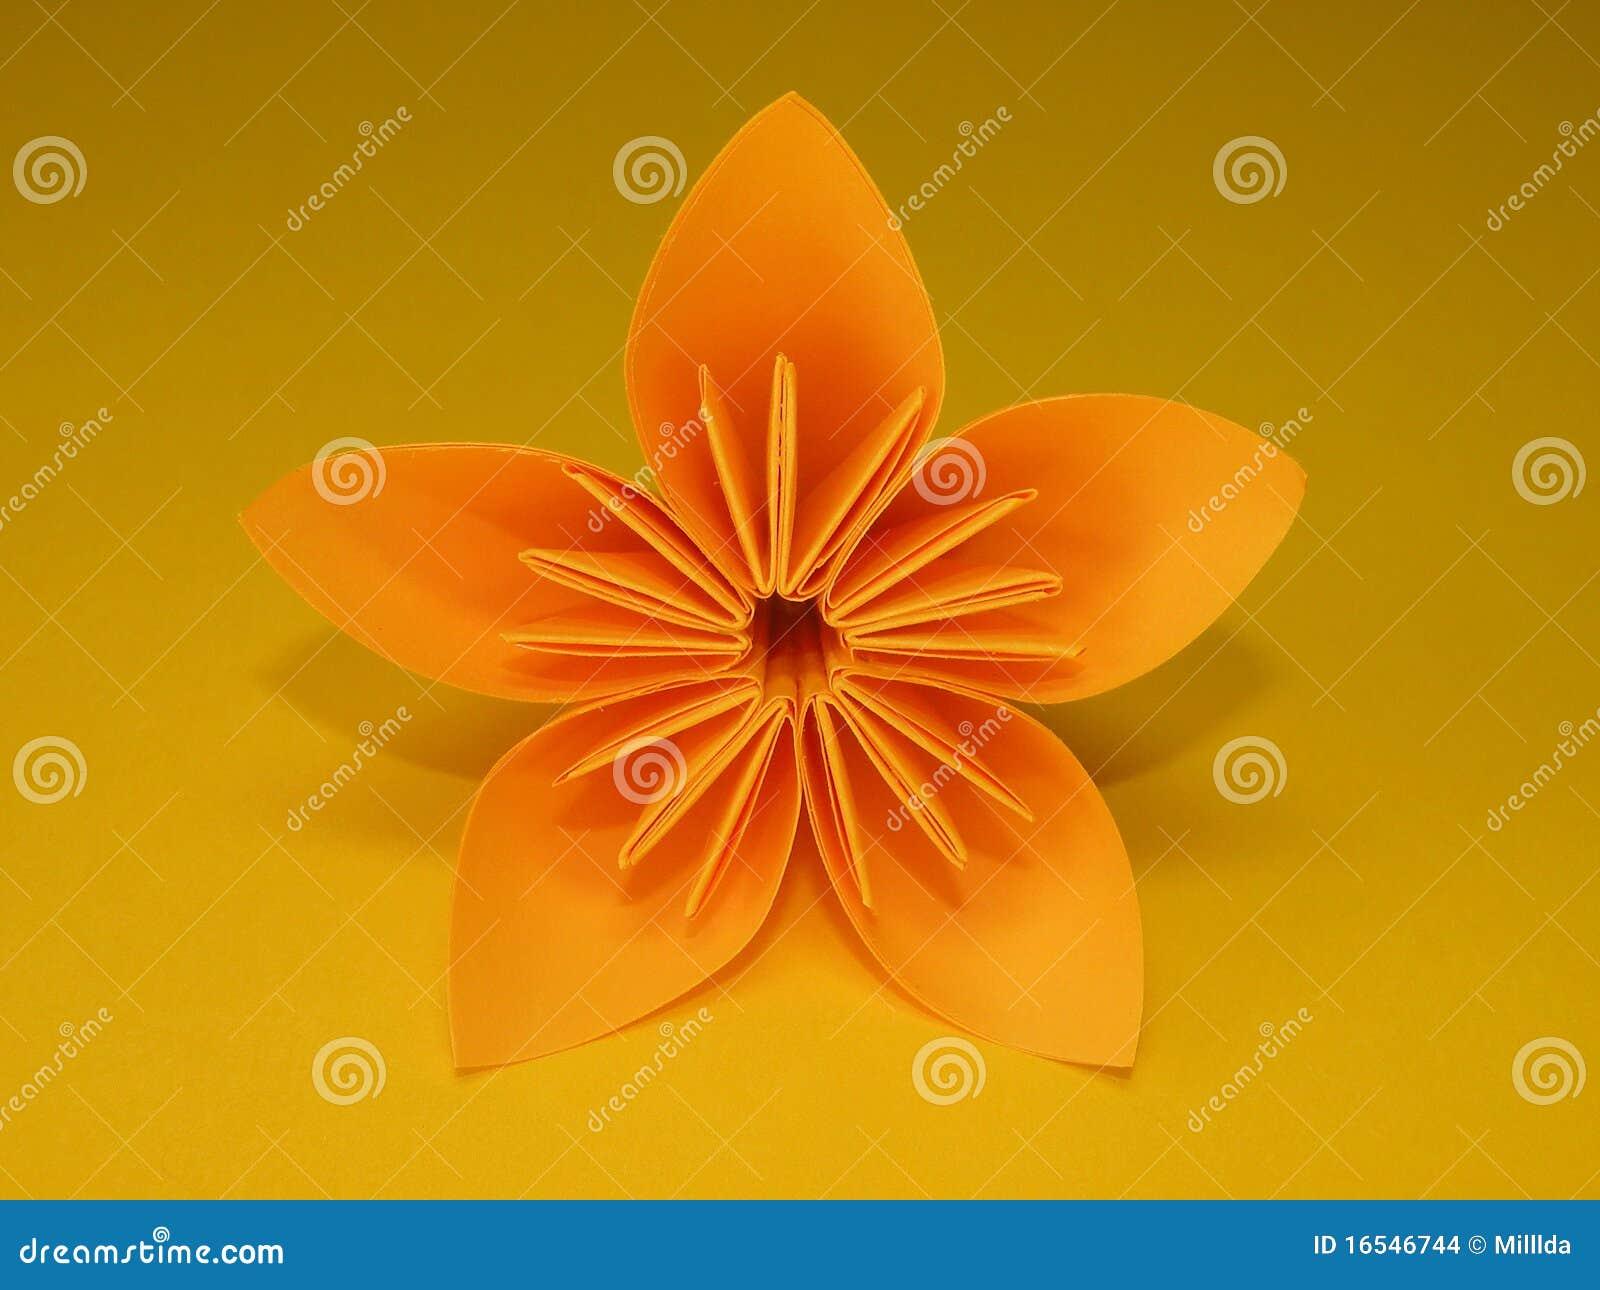 orange origami blume stockfoto bild von getrennt orange 16546744. Black Bedroom Furniture Sets. Home Design Ideas